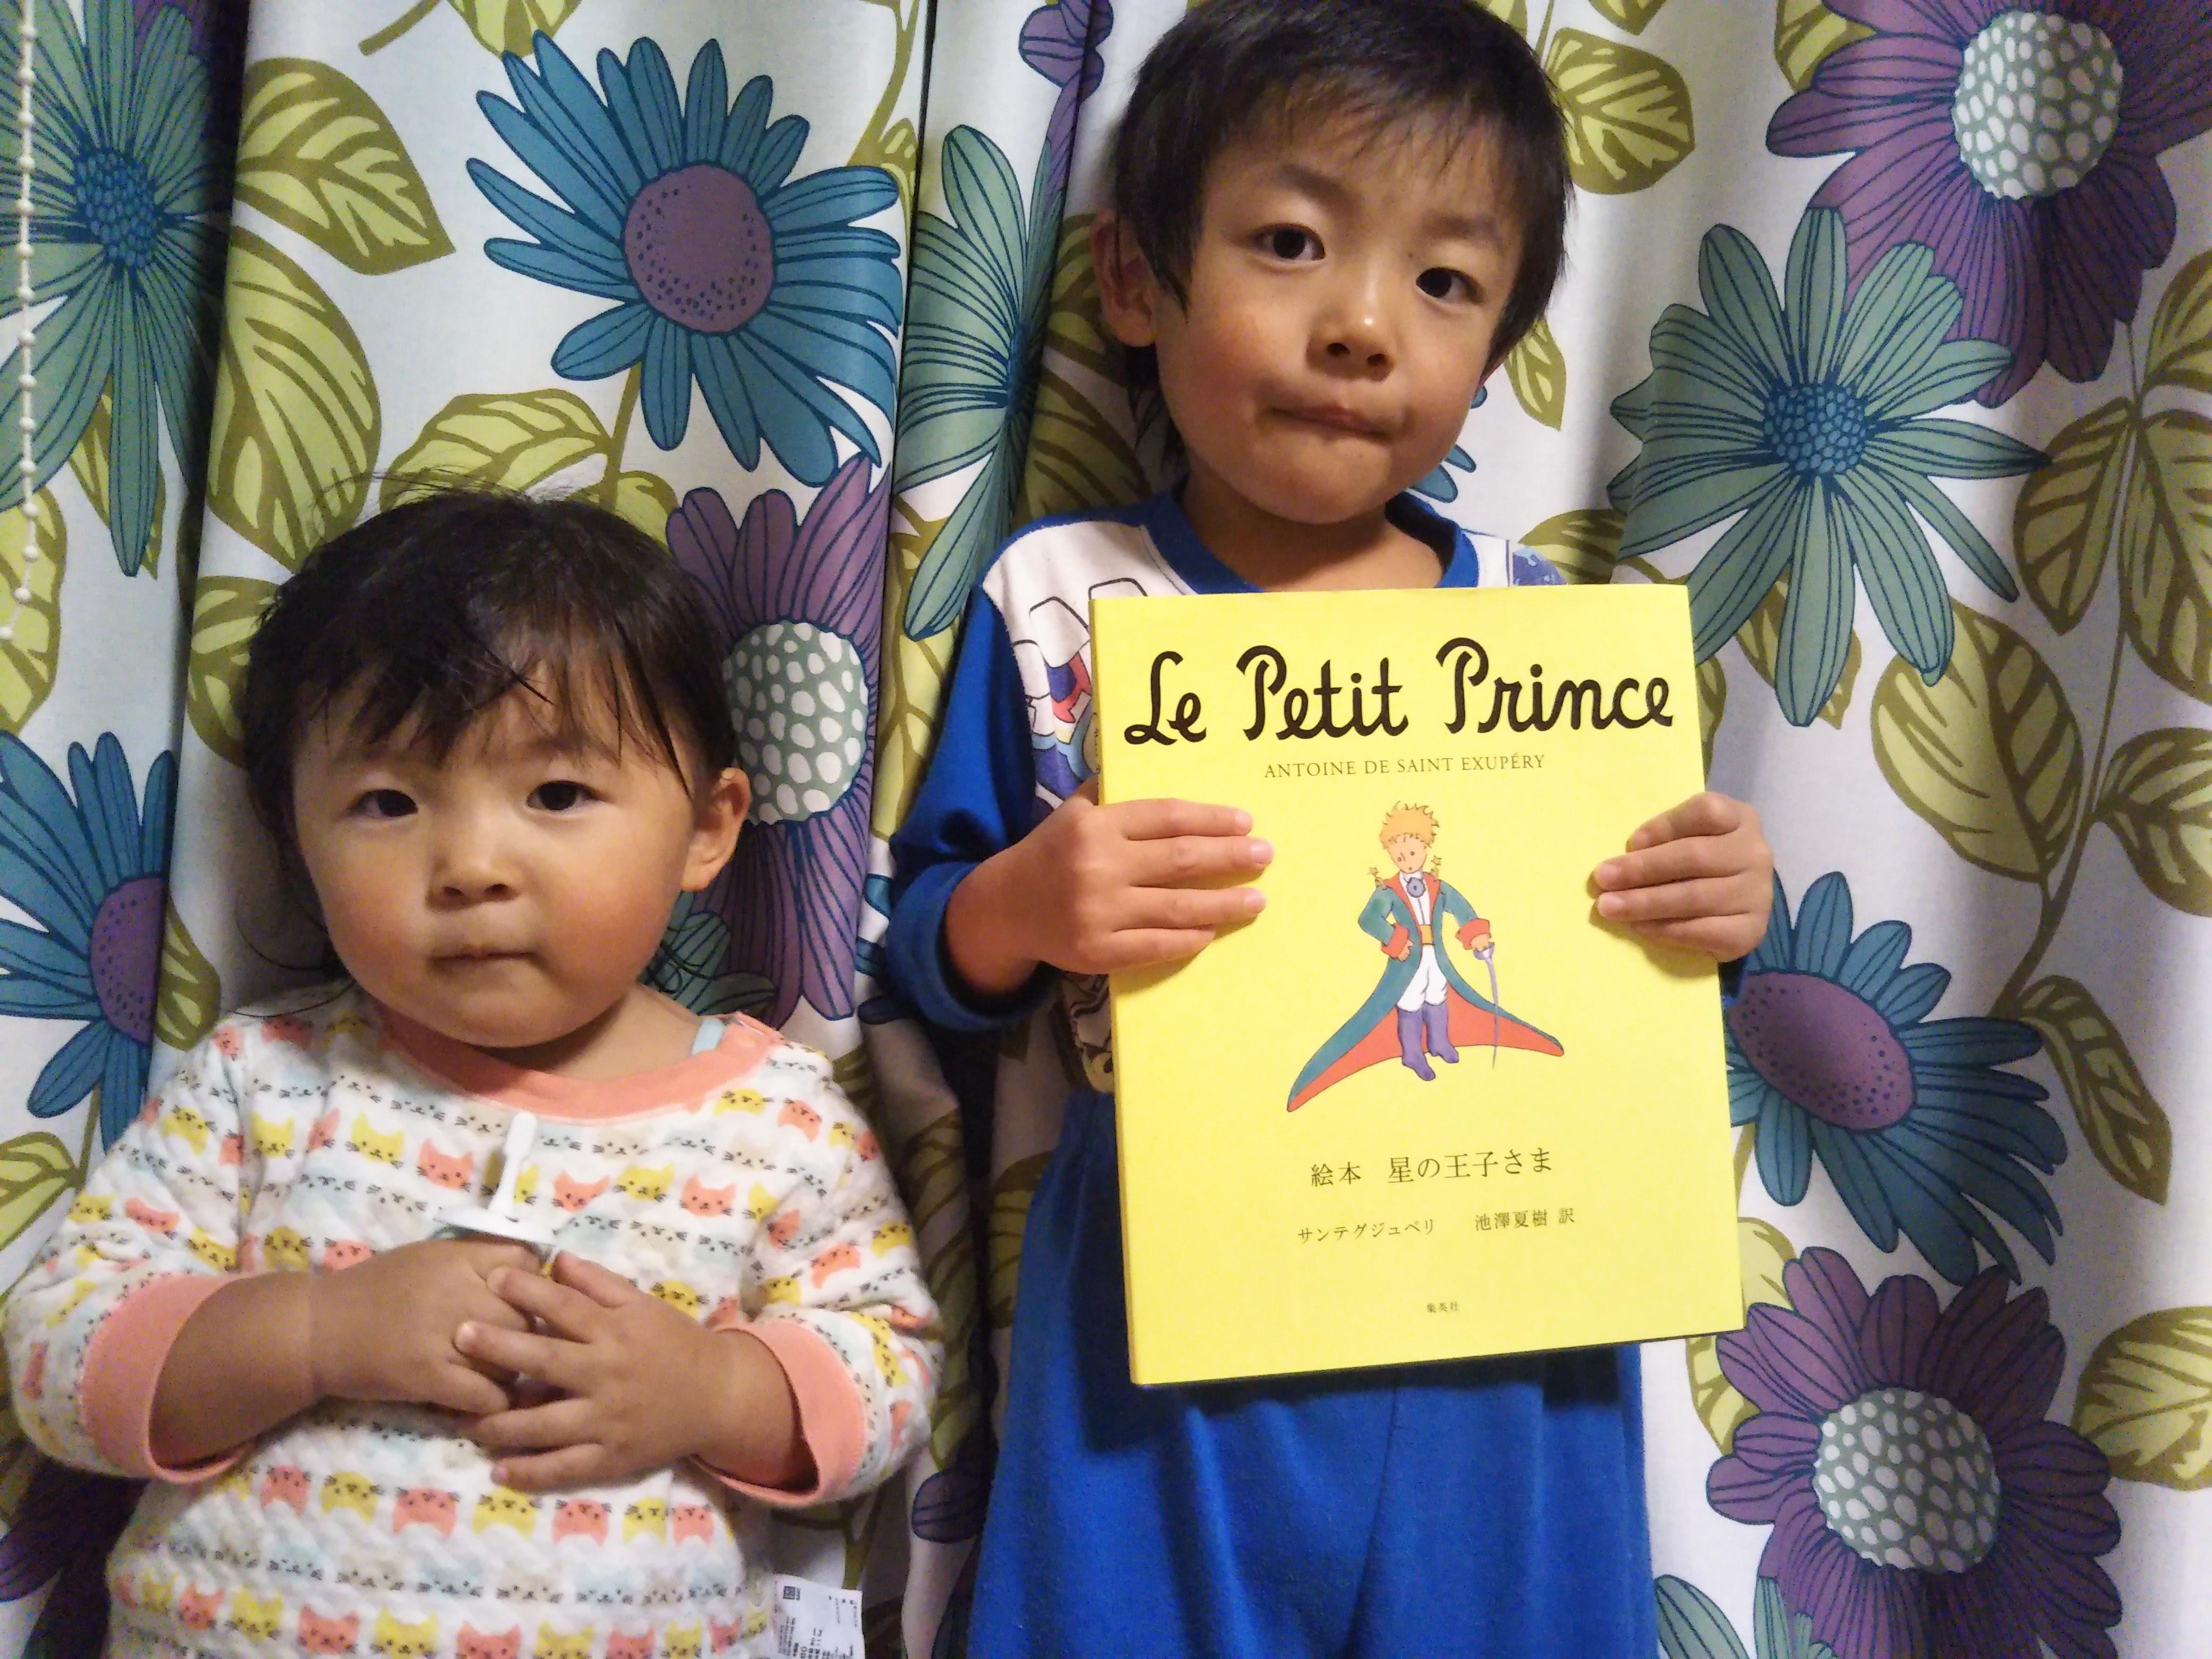 この本は読んで欲しい! 『星の王子さま』